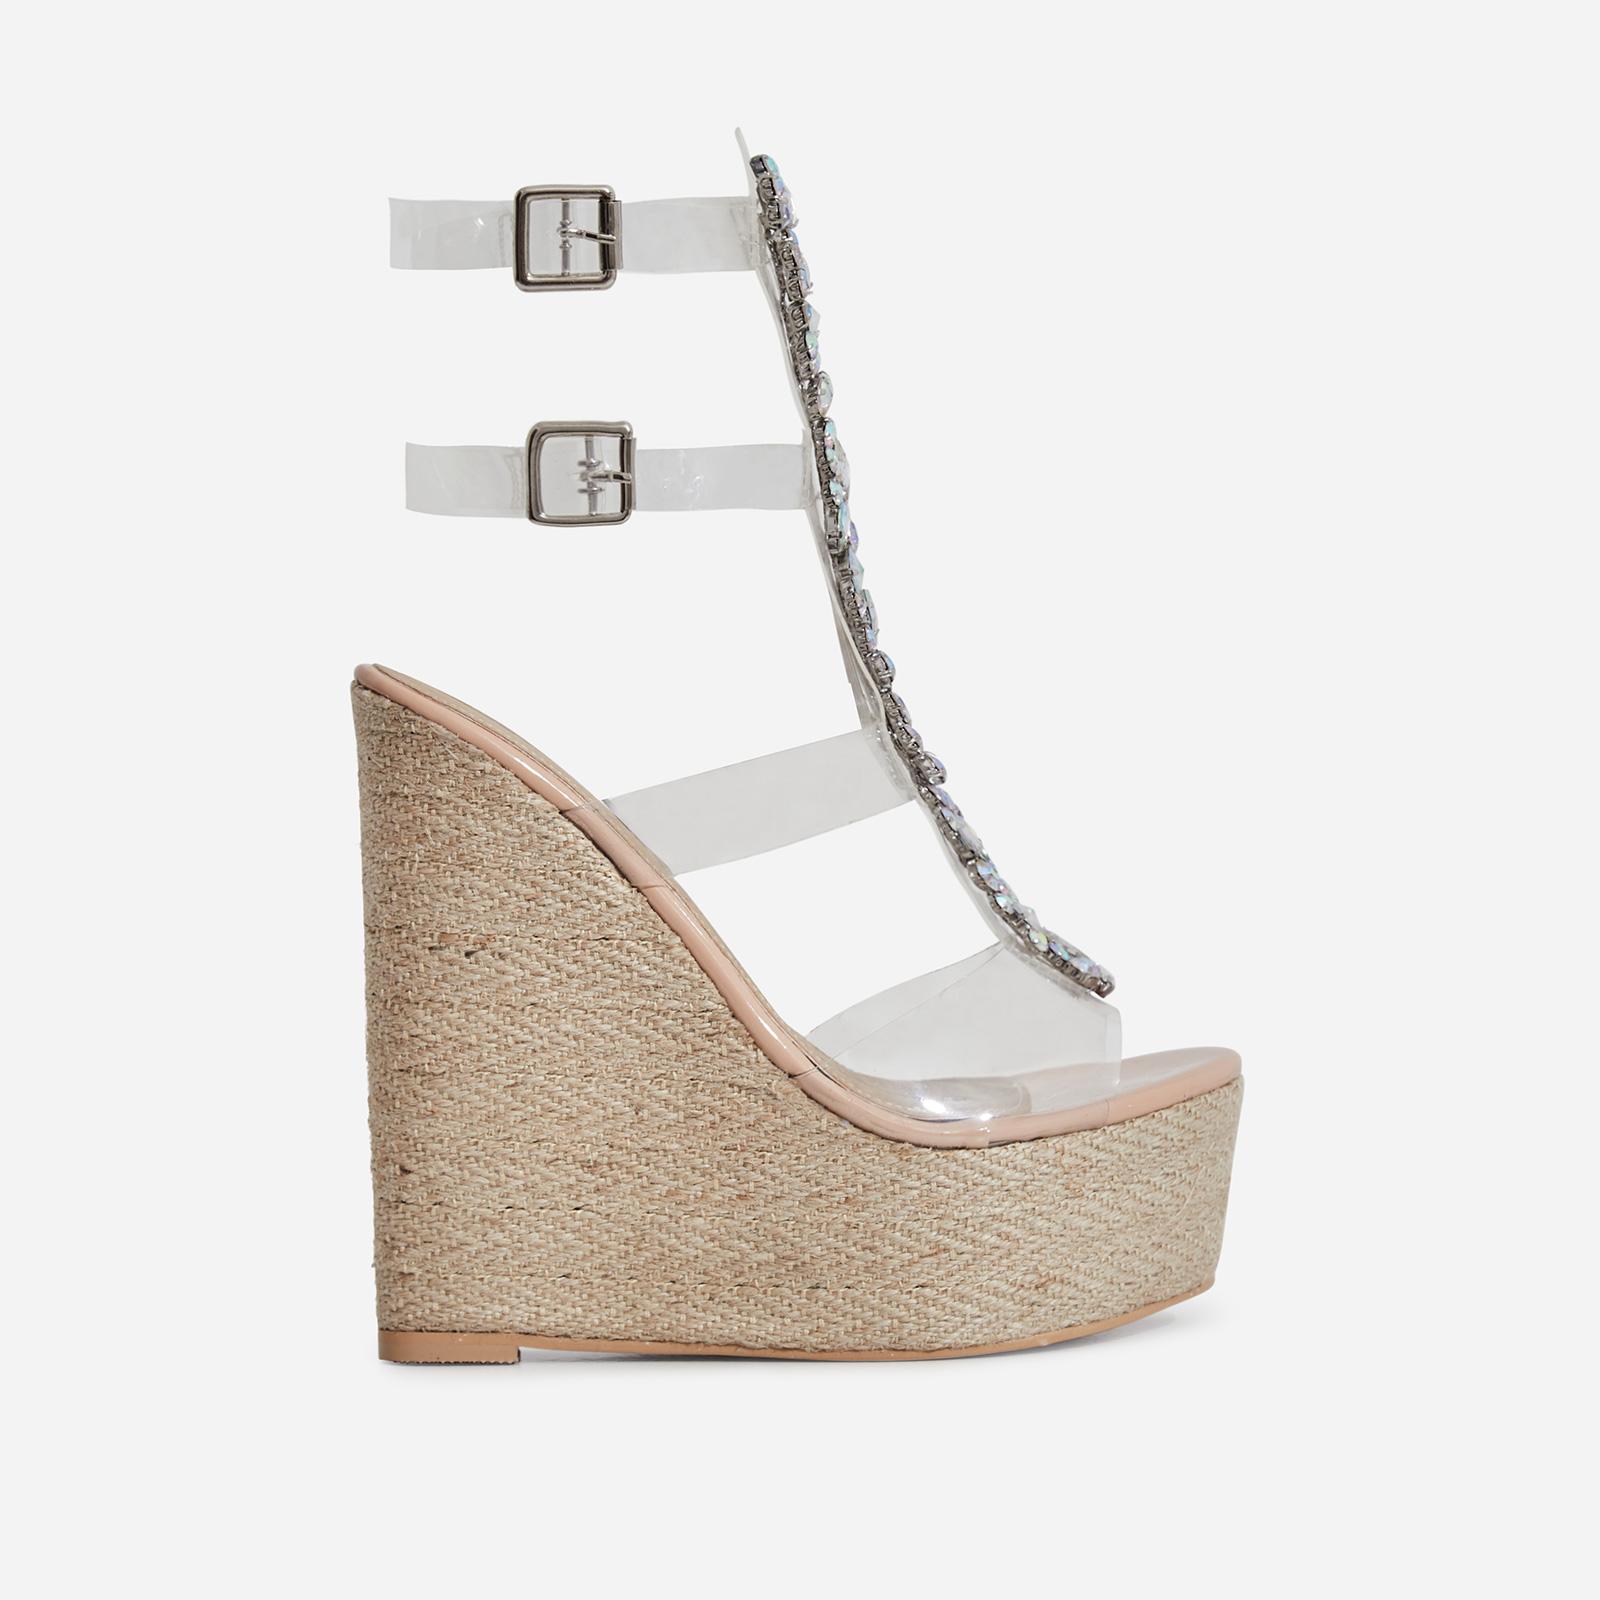 Heir Jewel Embellished Perspex Platform Espadrille Wedge Heel In Nude Patent